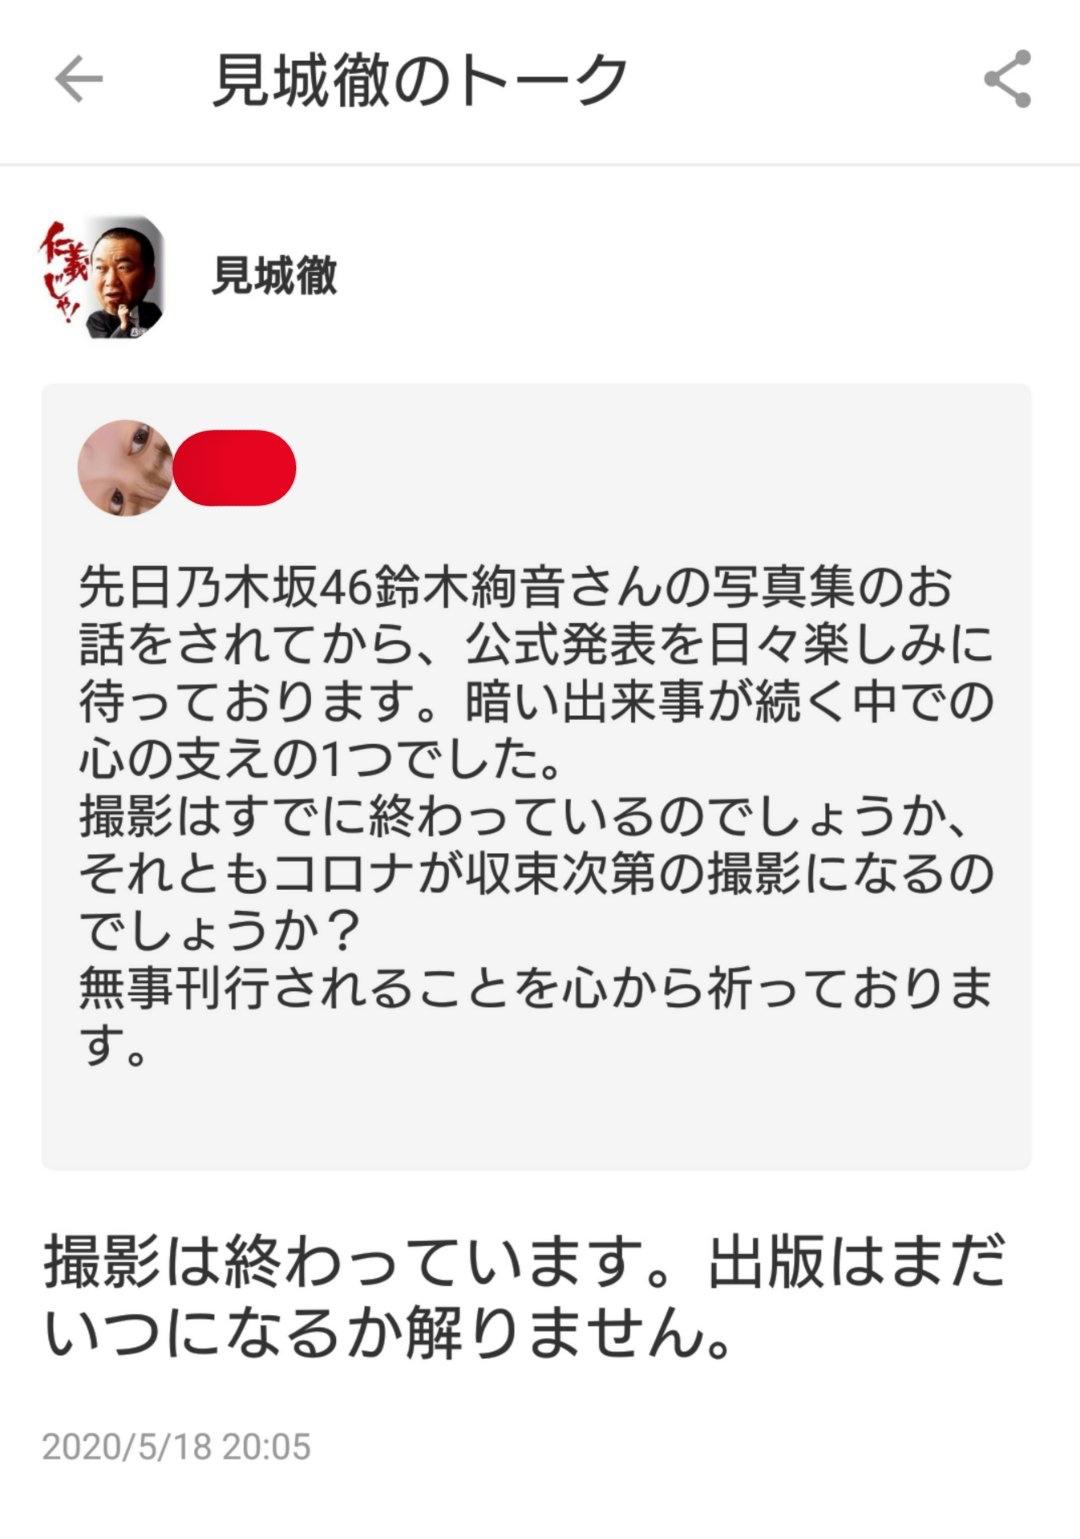 見城徹「乃木坂46鈴木絢音の写真集、撮影は終わっています。出版はまだいつになるか解りません。」